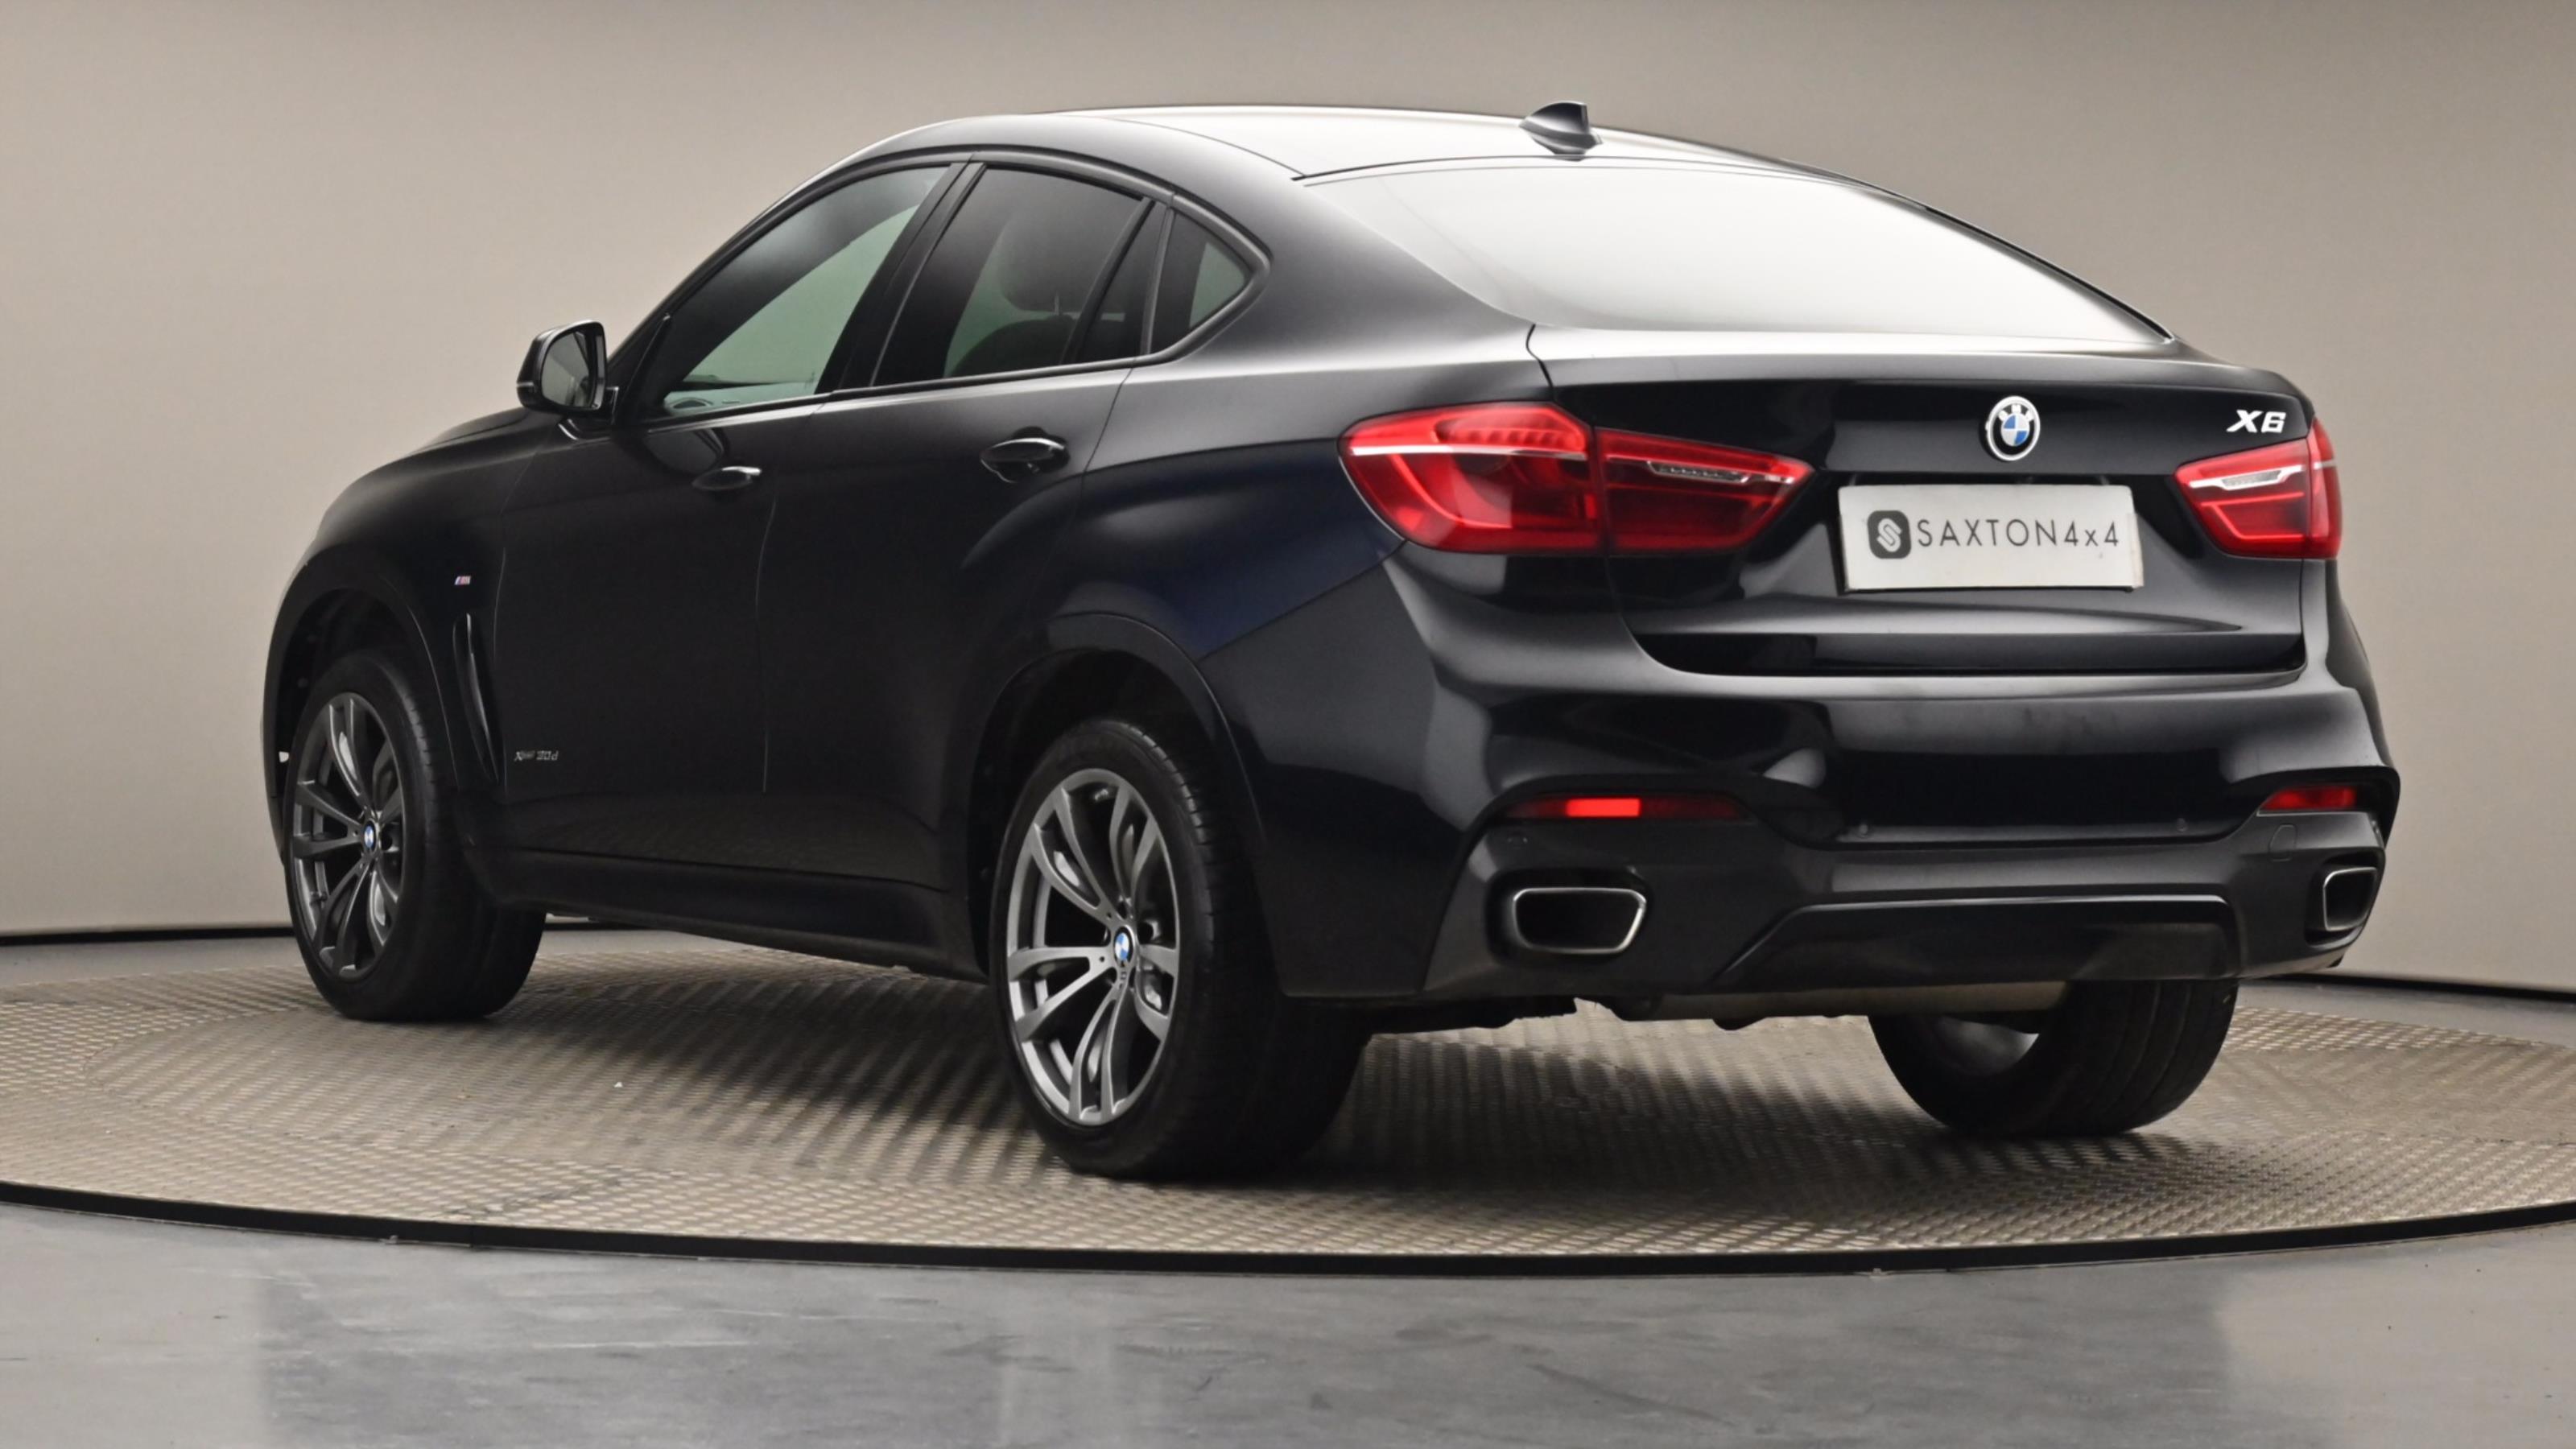 Used 2017 BMW X6 xDrive30d M Sport 5dr Step Auto BLACK at Saxton4x4